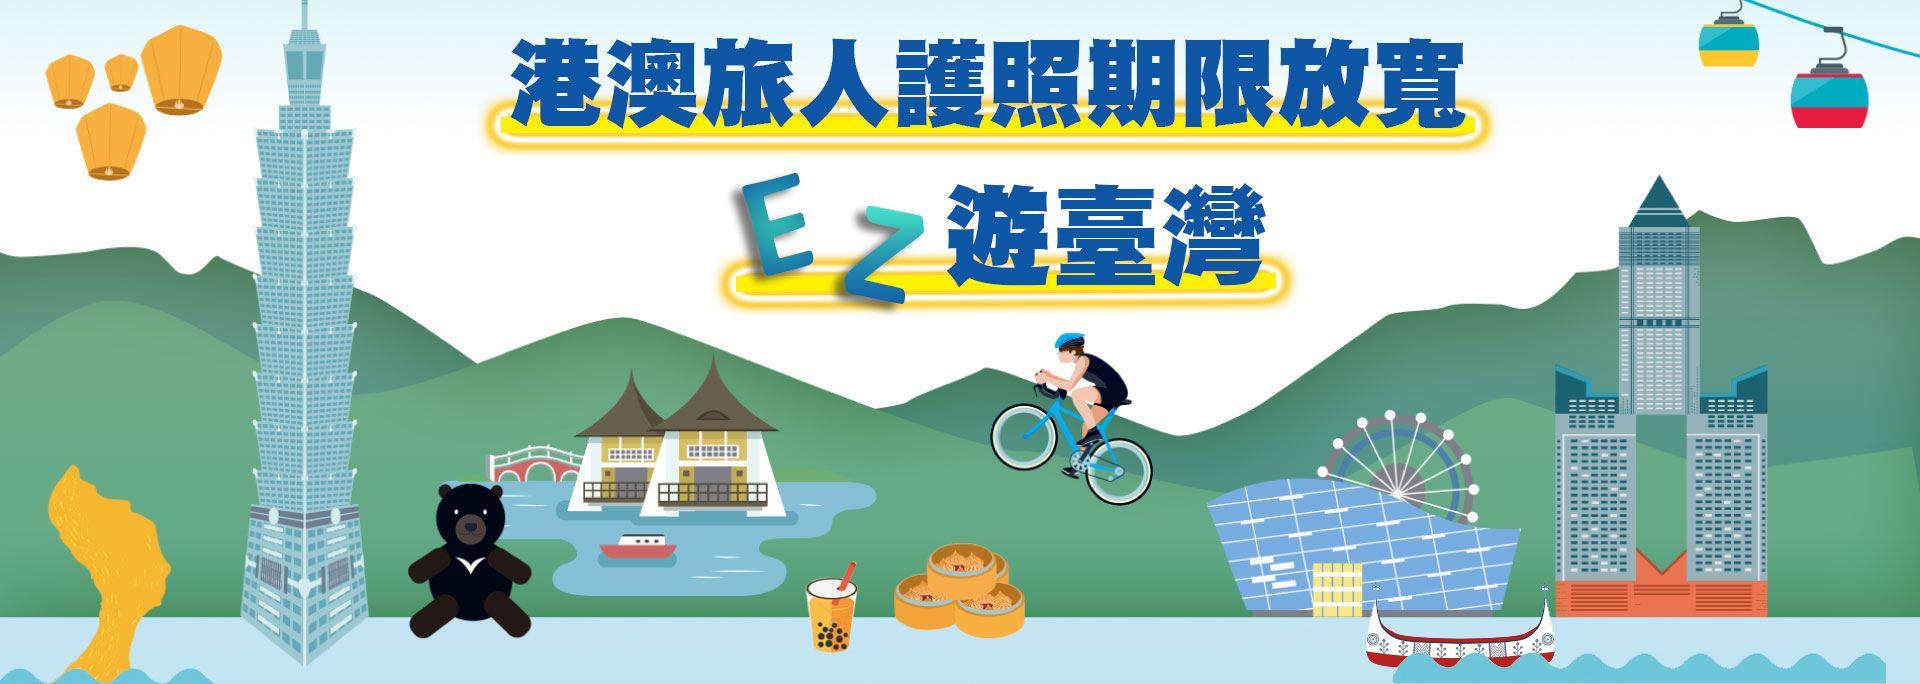 [開啟新視窗]港澳旅人EZ遊臺灣